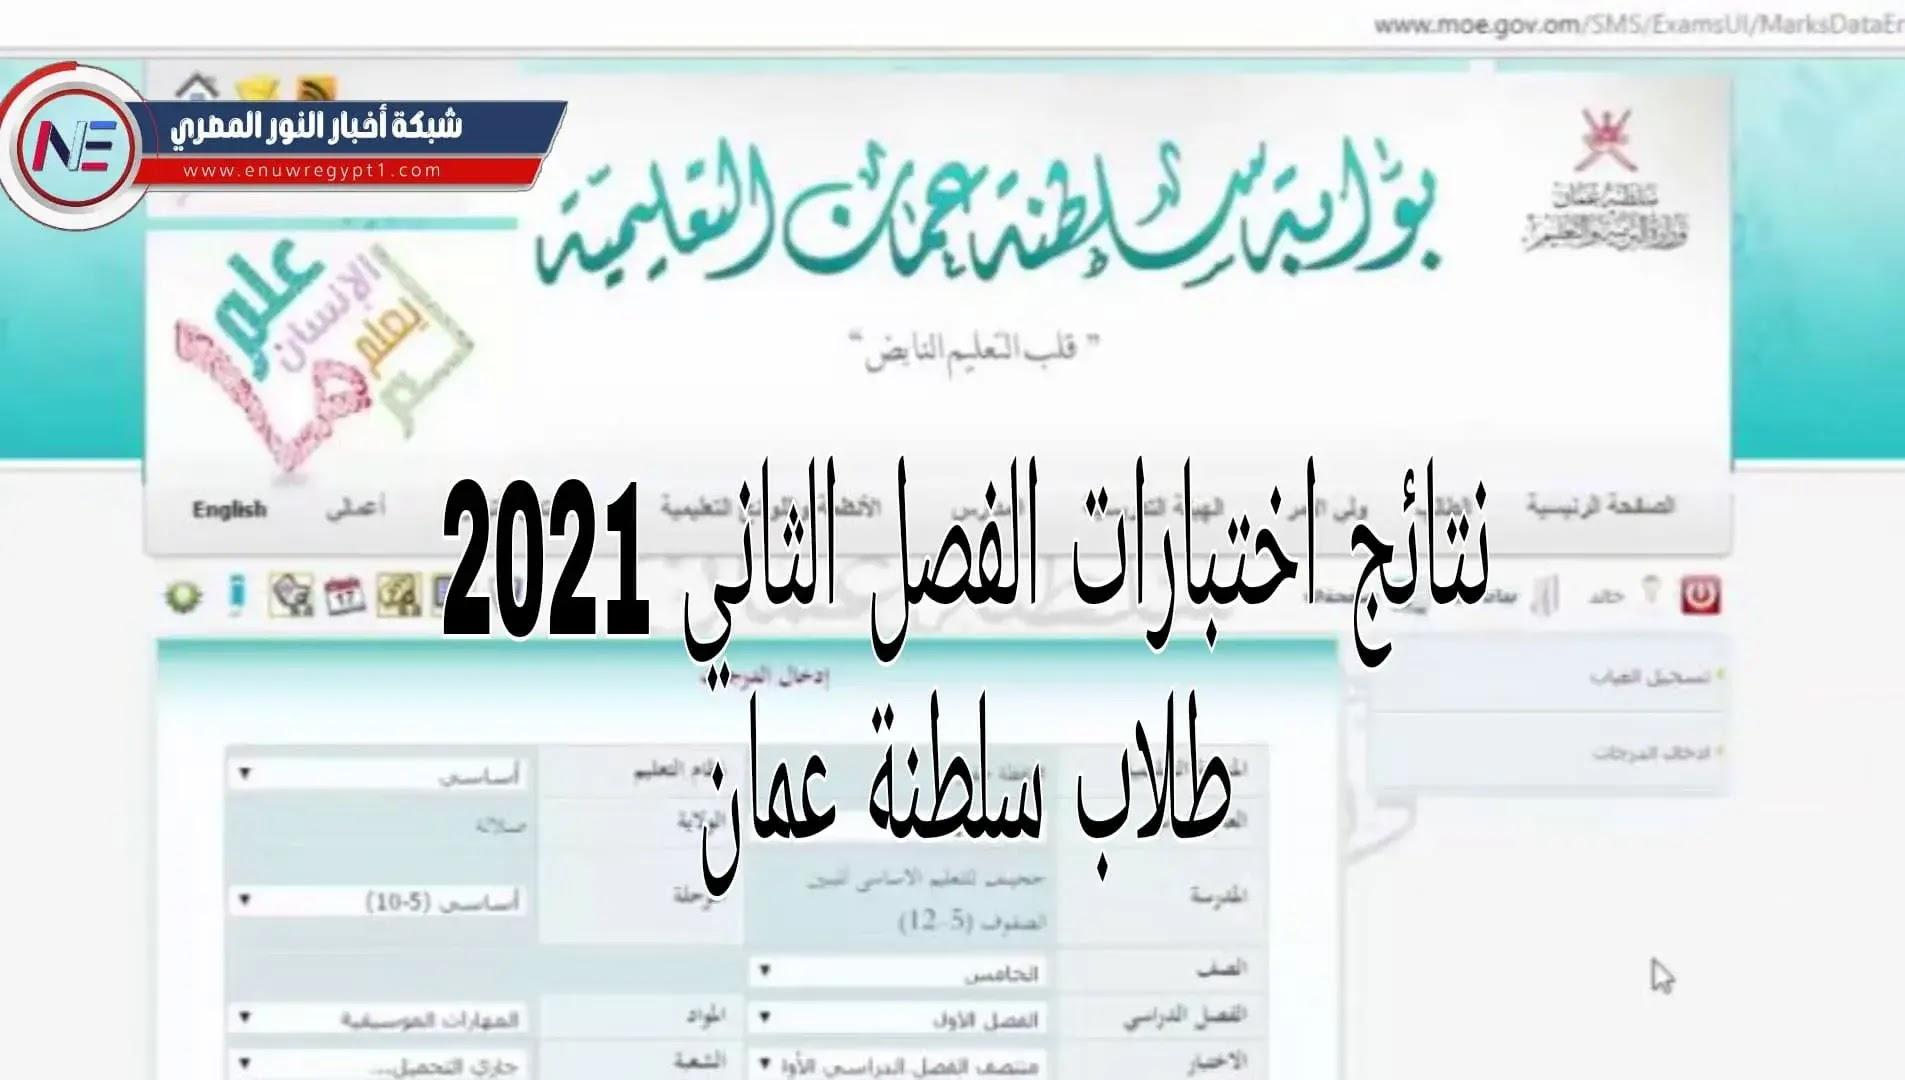 نتائج اختبارات الفصل الثاني طلاب سلطنة عمان 2021 جميع المراحل بجميع المحافظات عبر رابط home moe gov om البوابة التعليمية سلطنة عمان